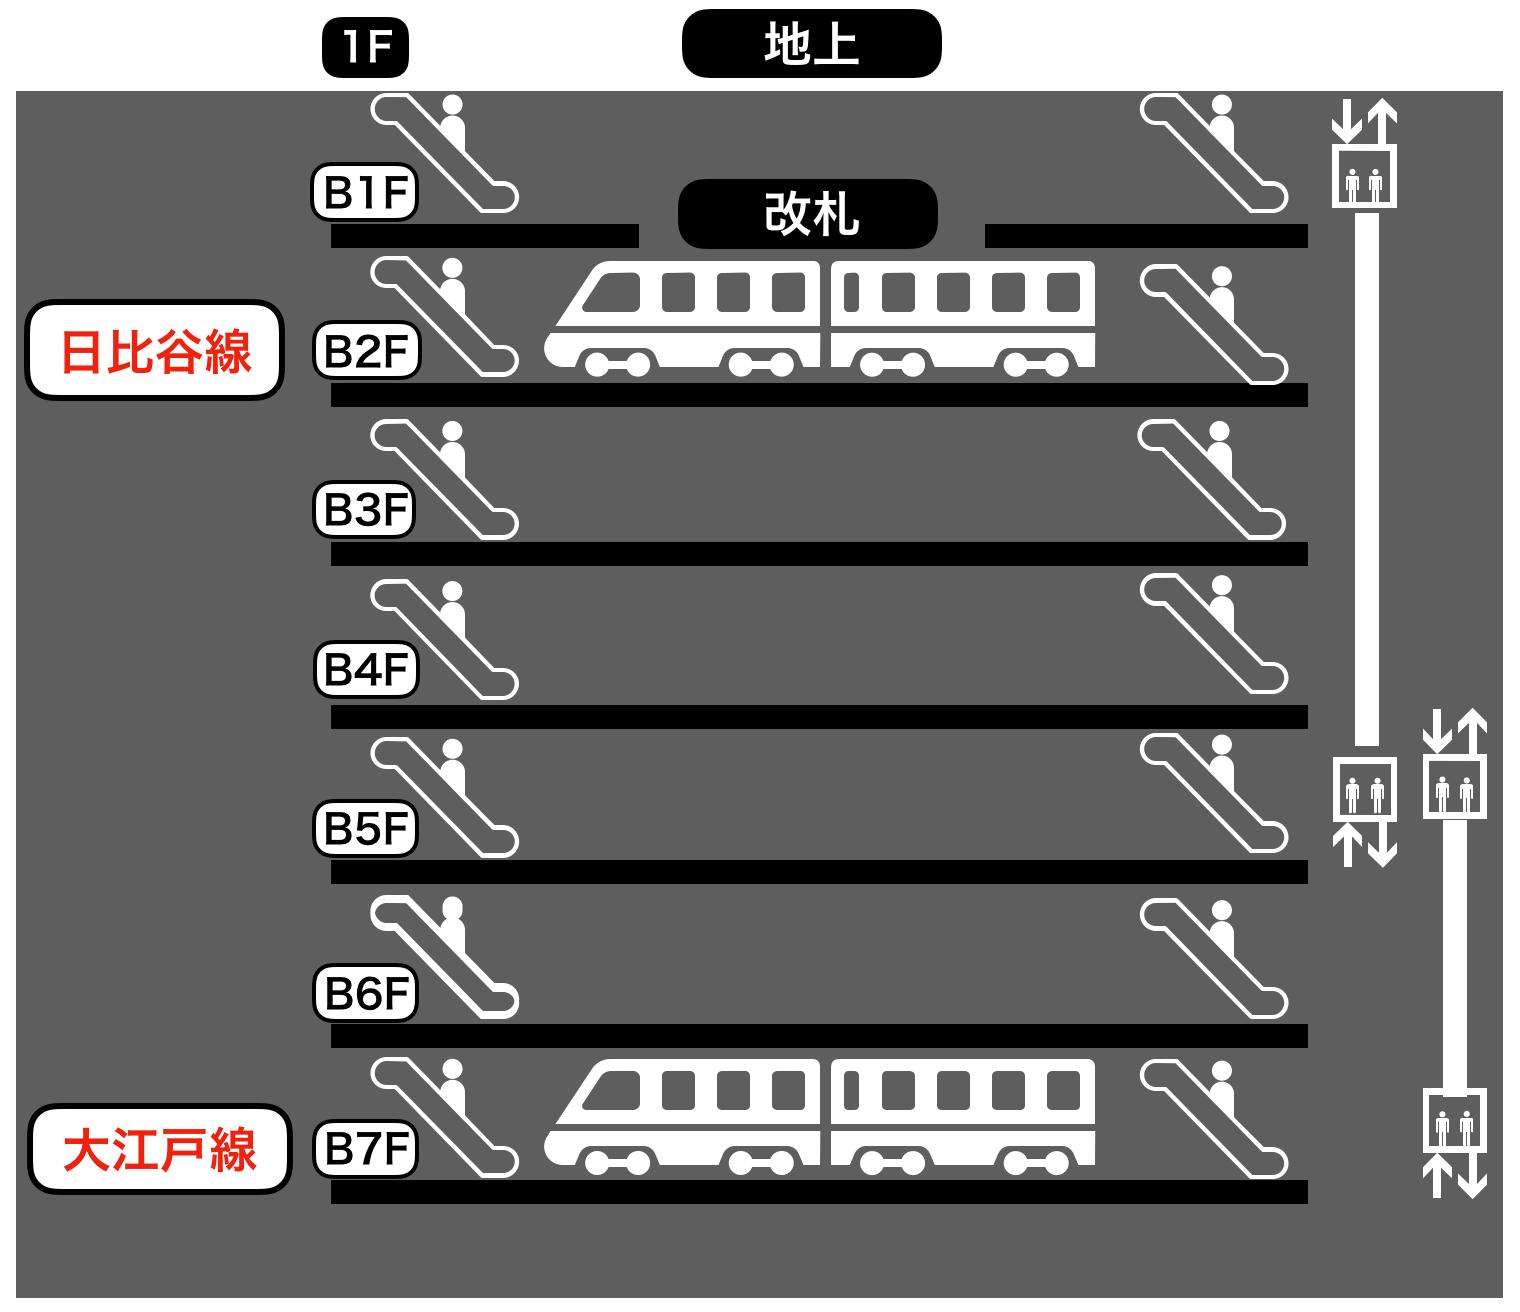 六本木駅の構内図